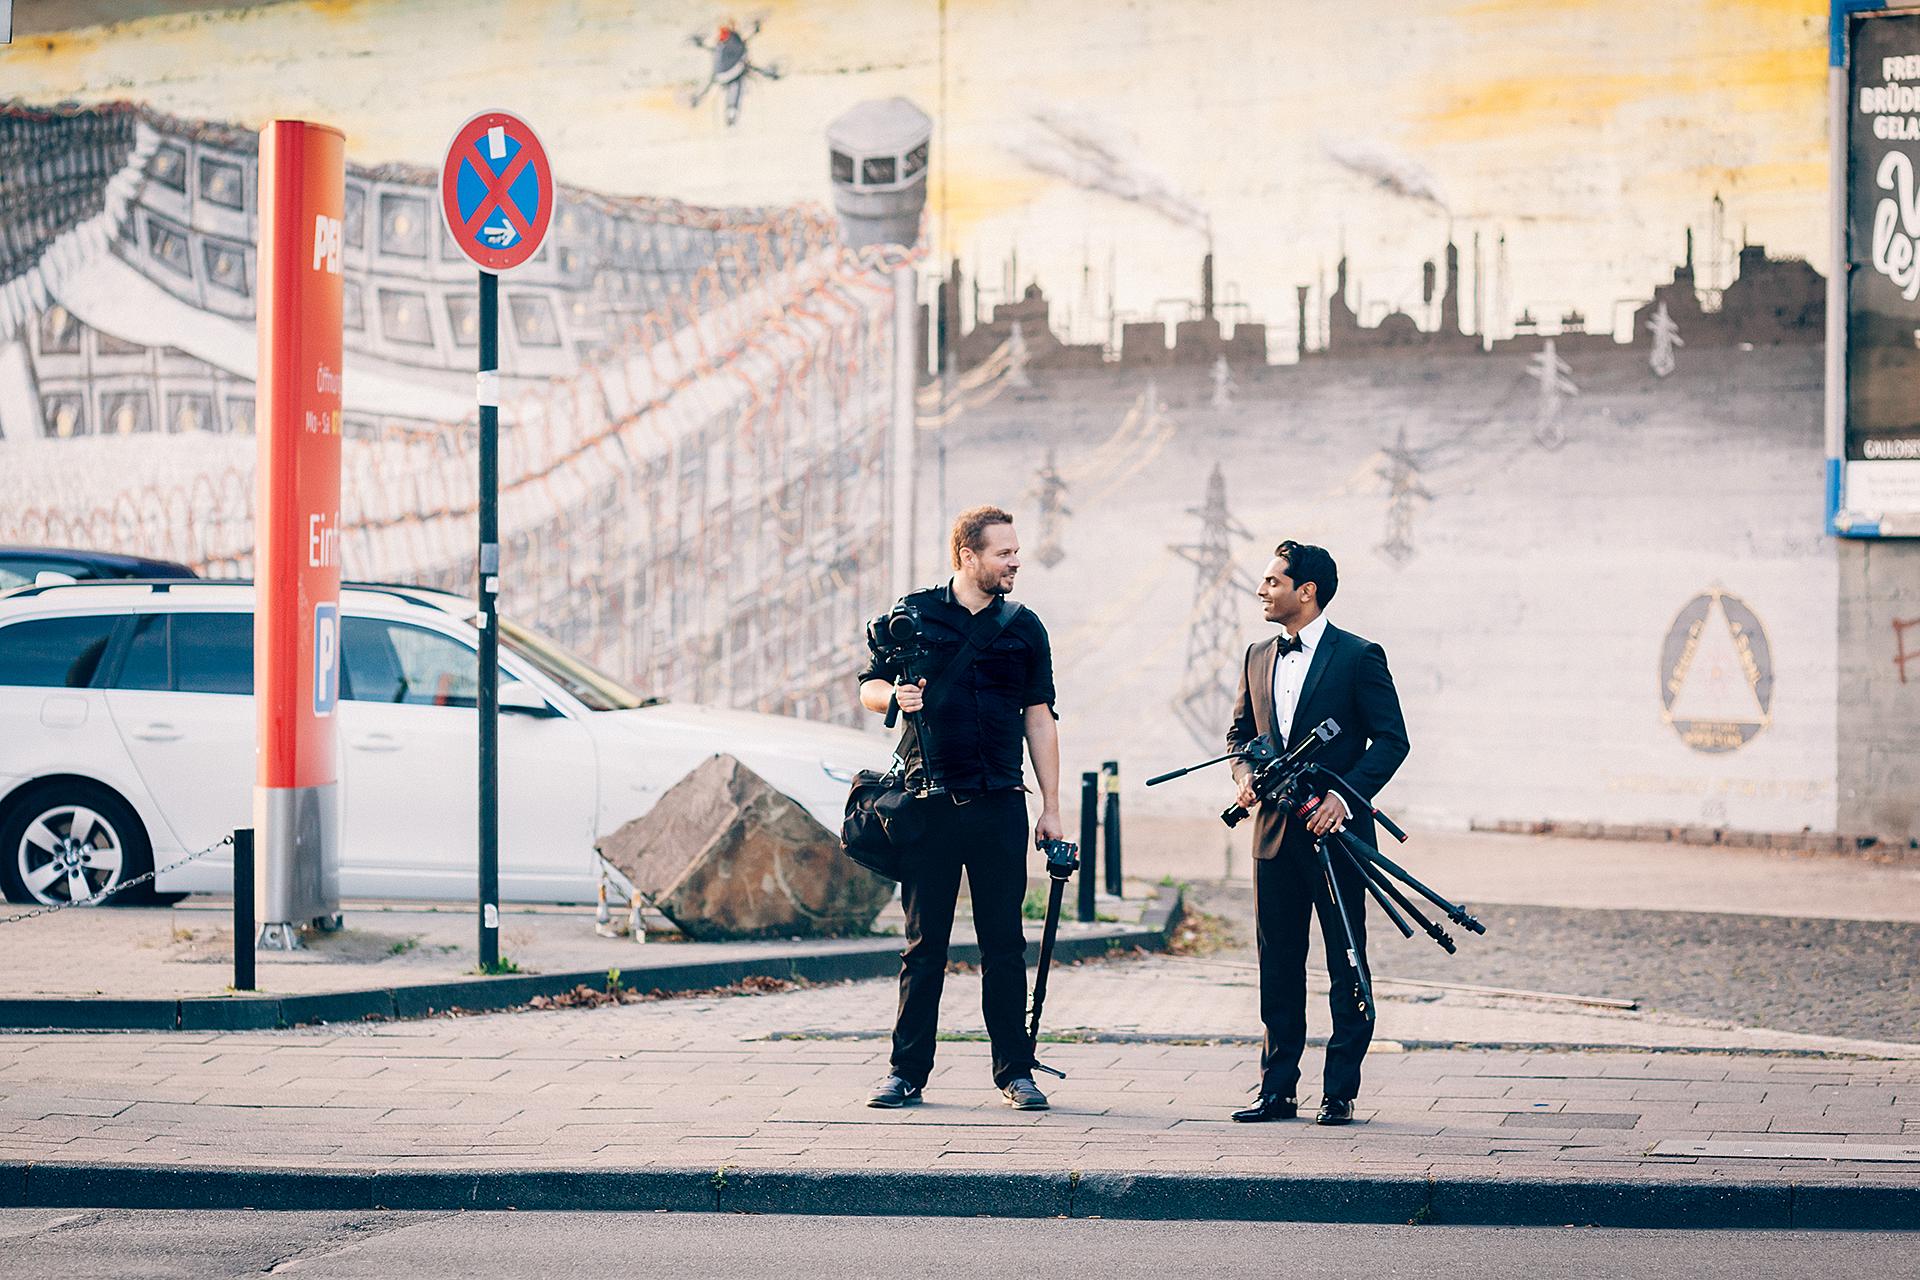 Stefan Gatzke - Hochzeitsfotograf, Fotograf und Videograf aus Köln, NRW